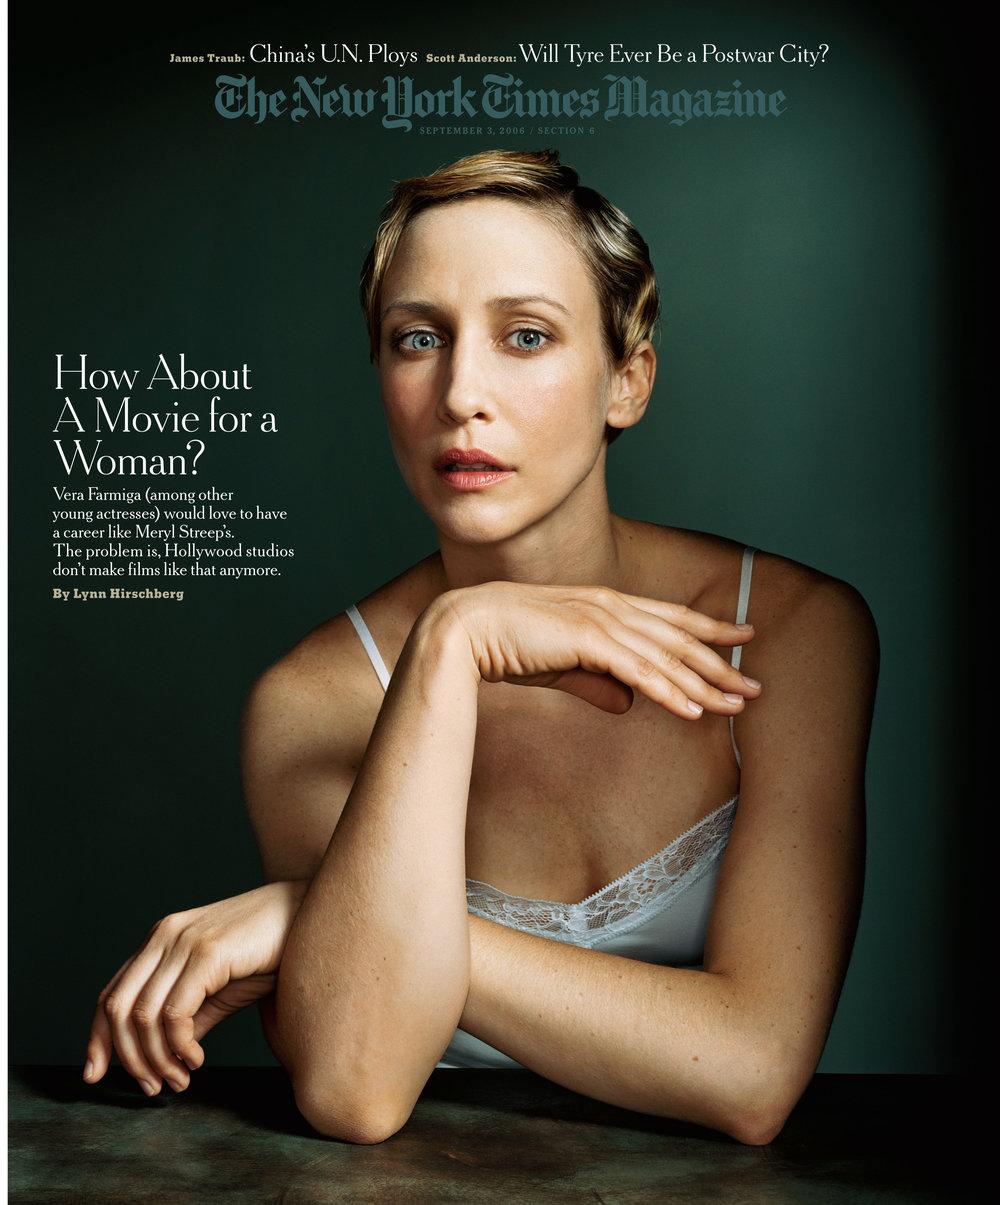 COVER.09.03.06-Vera Farmiga Cover.jpg